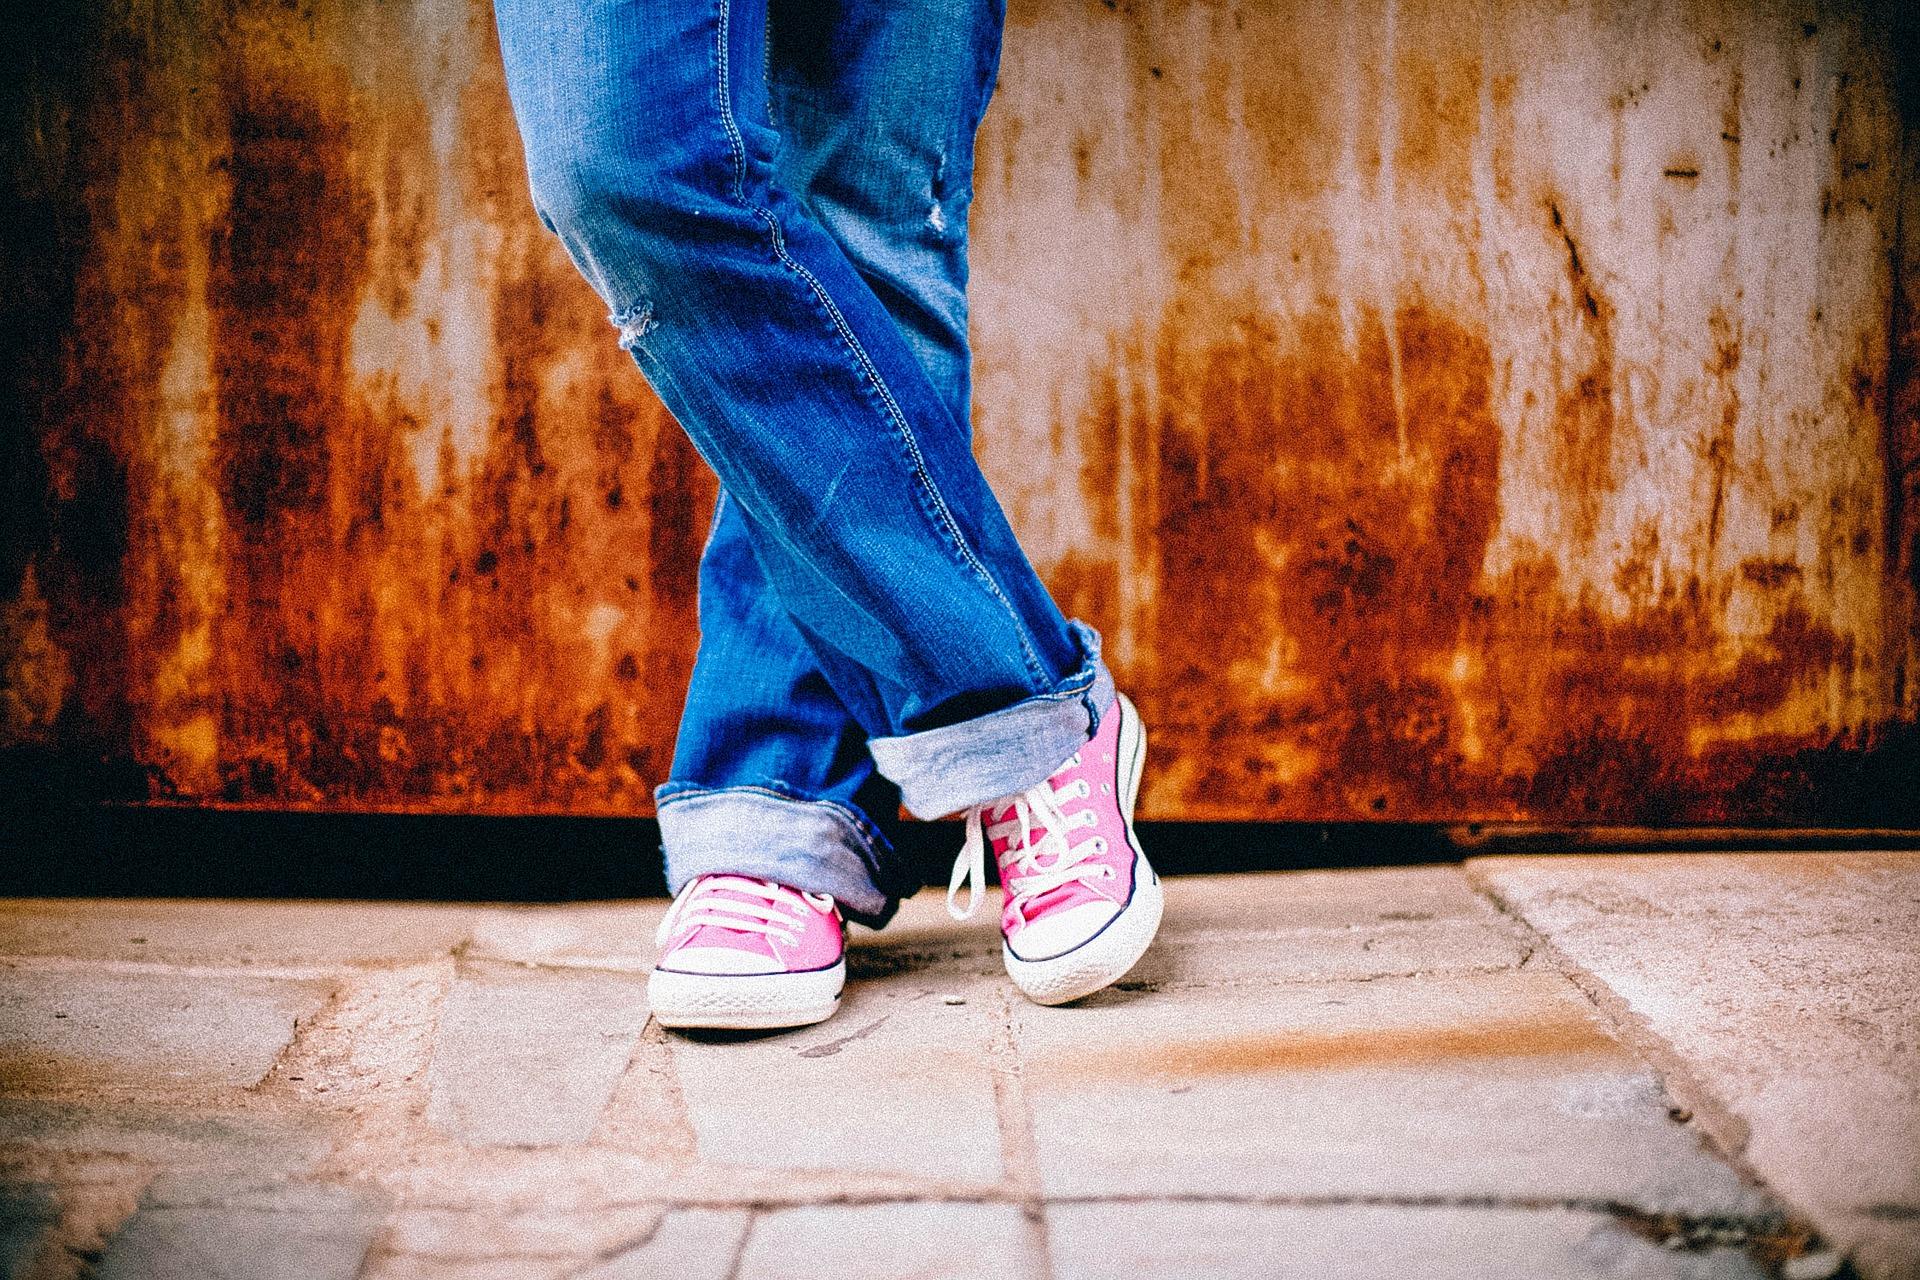 よく学生が履いている靴ですね